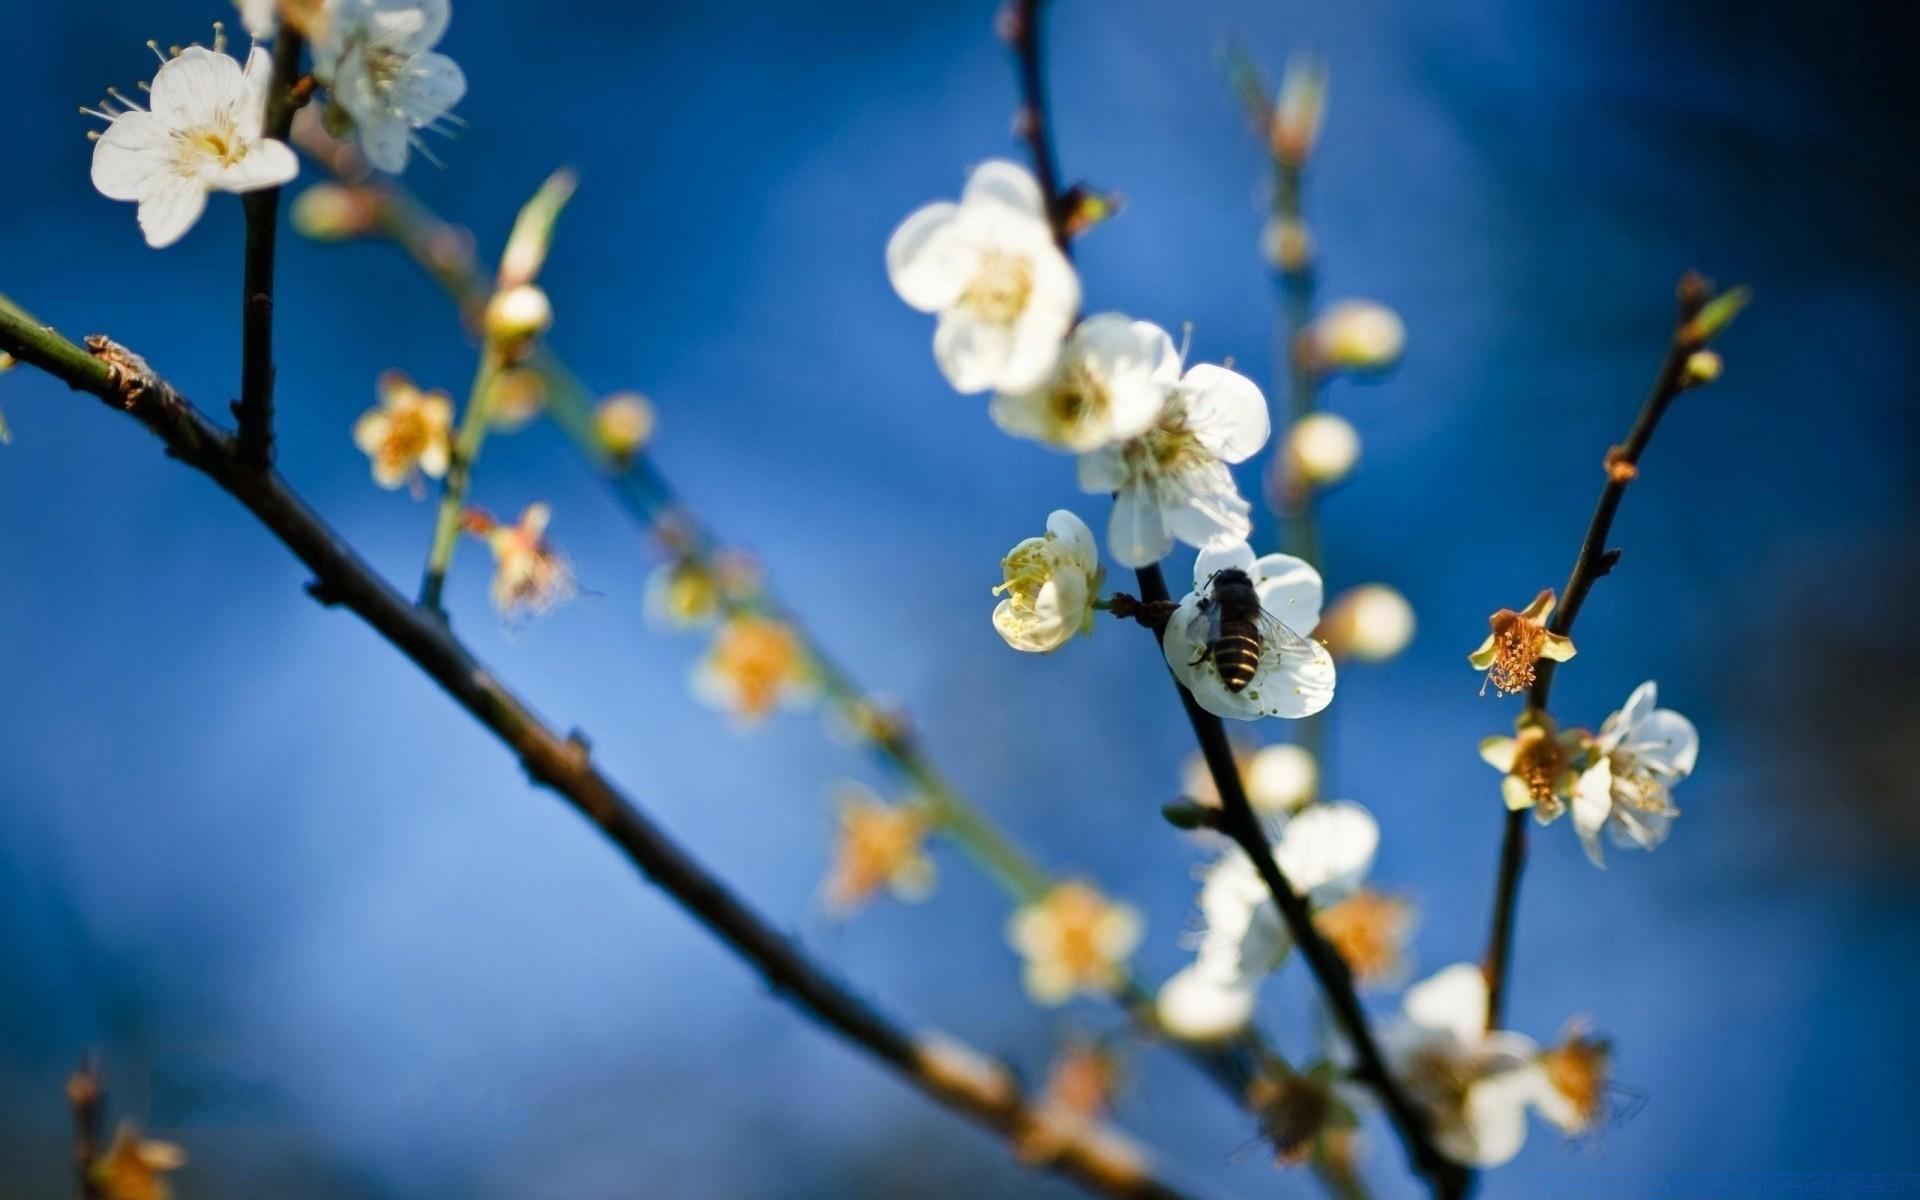 весна фото обои для мобильника если